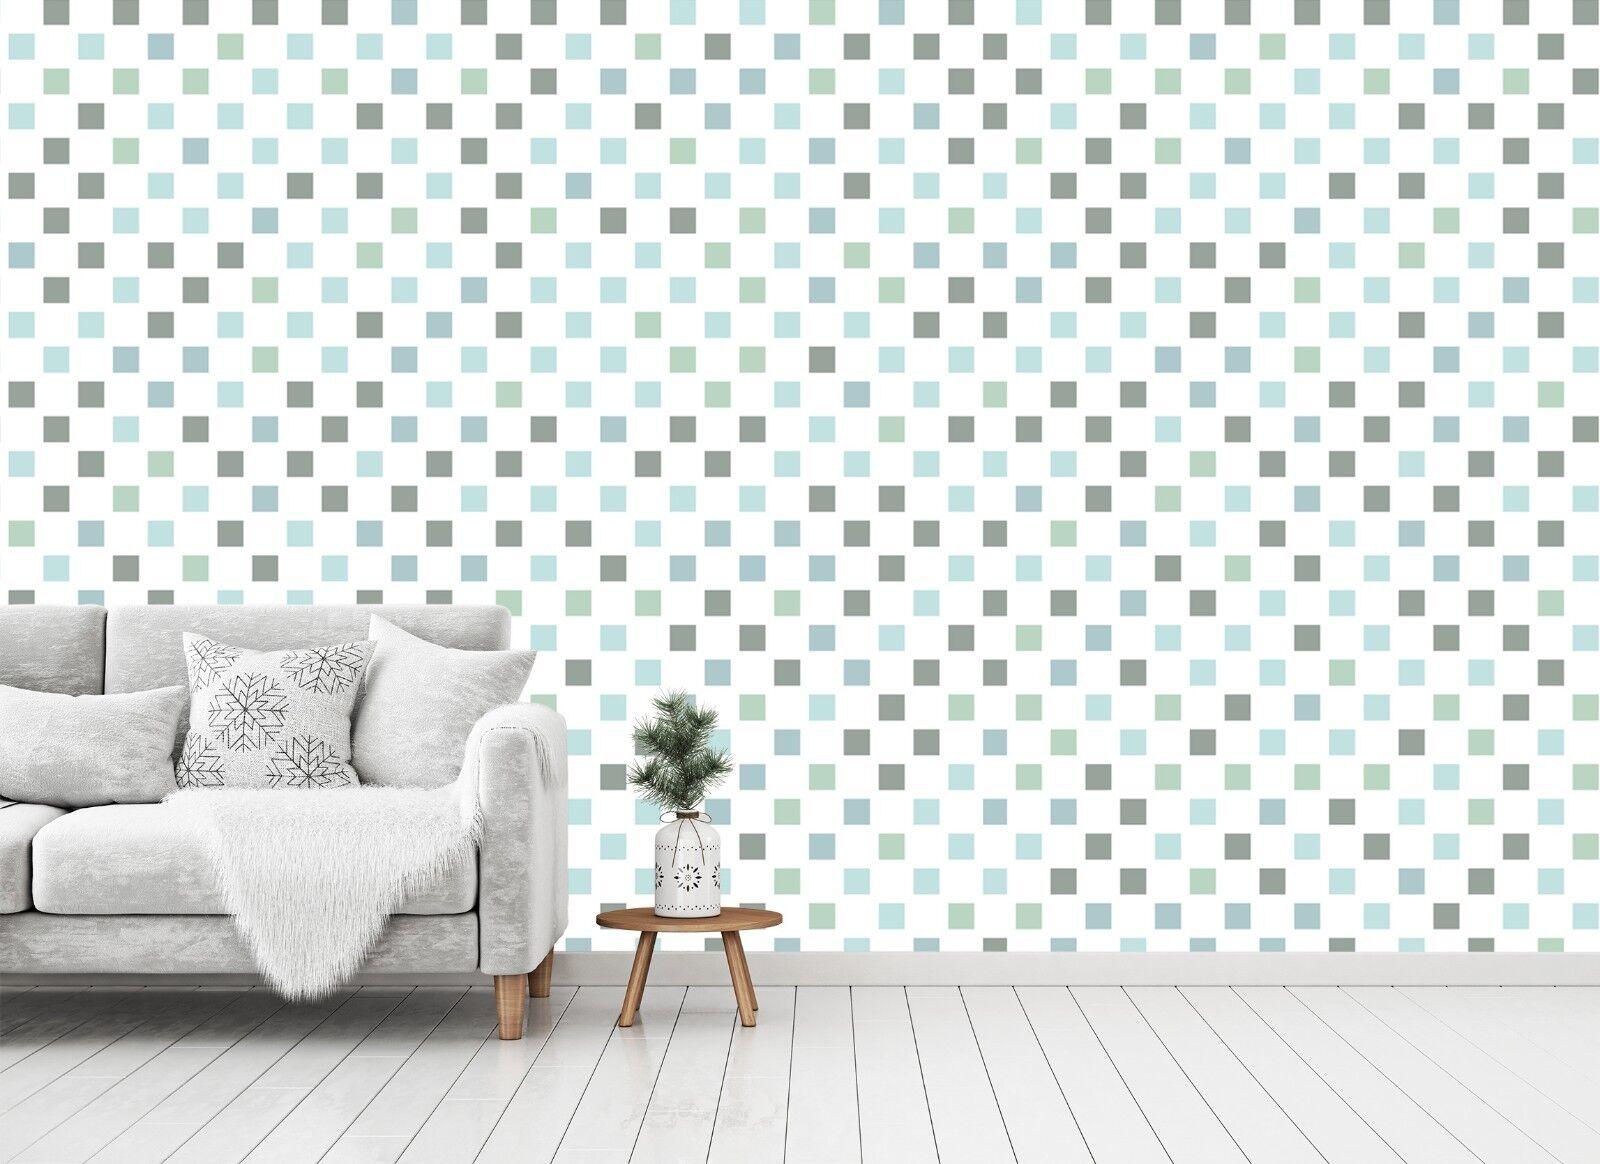 3D Grün Square Lattice 55 Wall Paper Wall Print Decal Wall Deco Indoor Murals